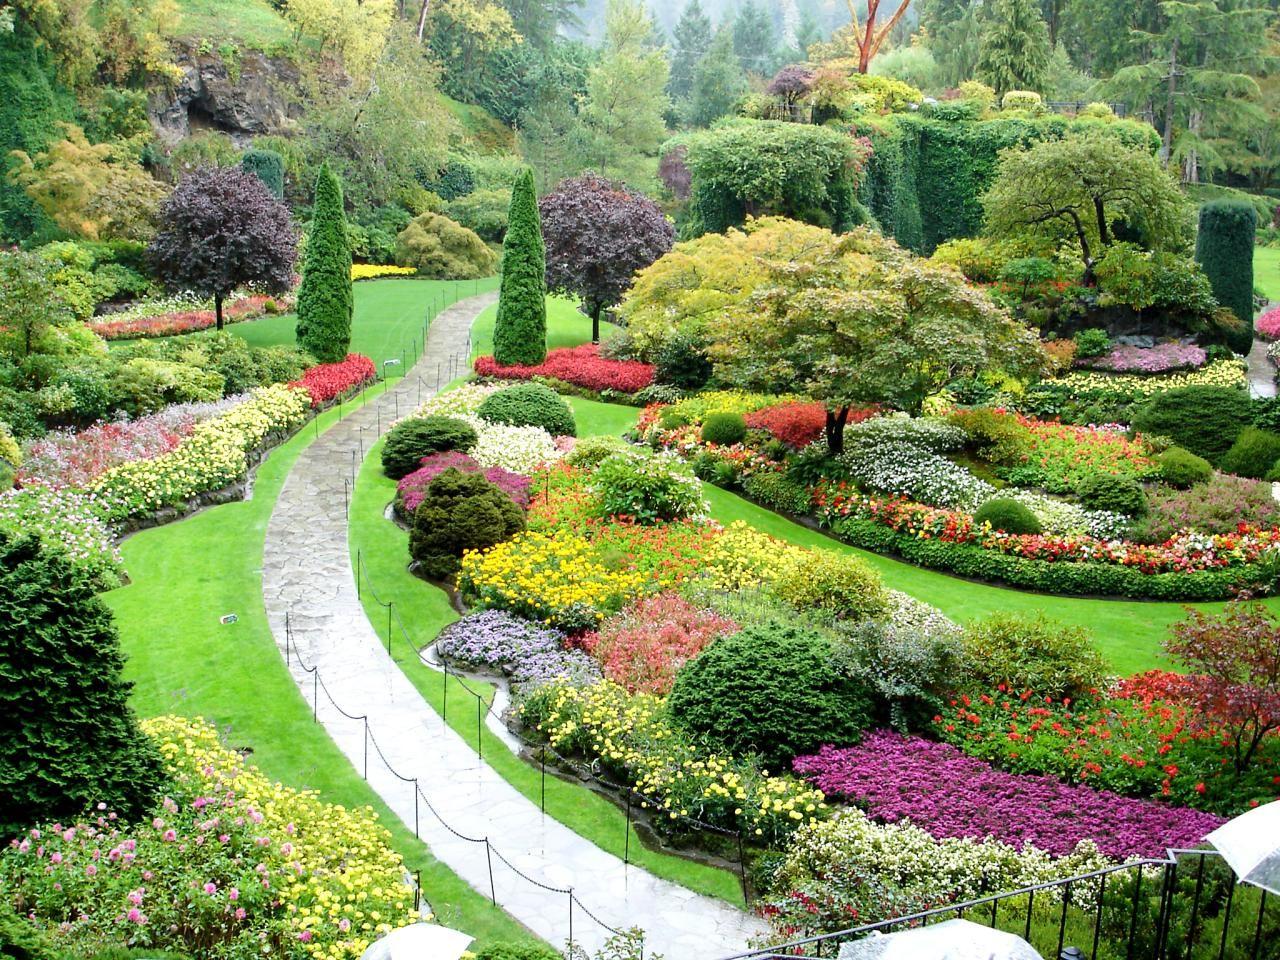 be2f528901326ec9a4b8ded0aa03049a - Gardens Open To Public Near Me